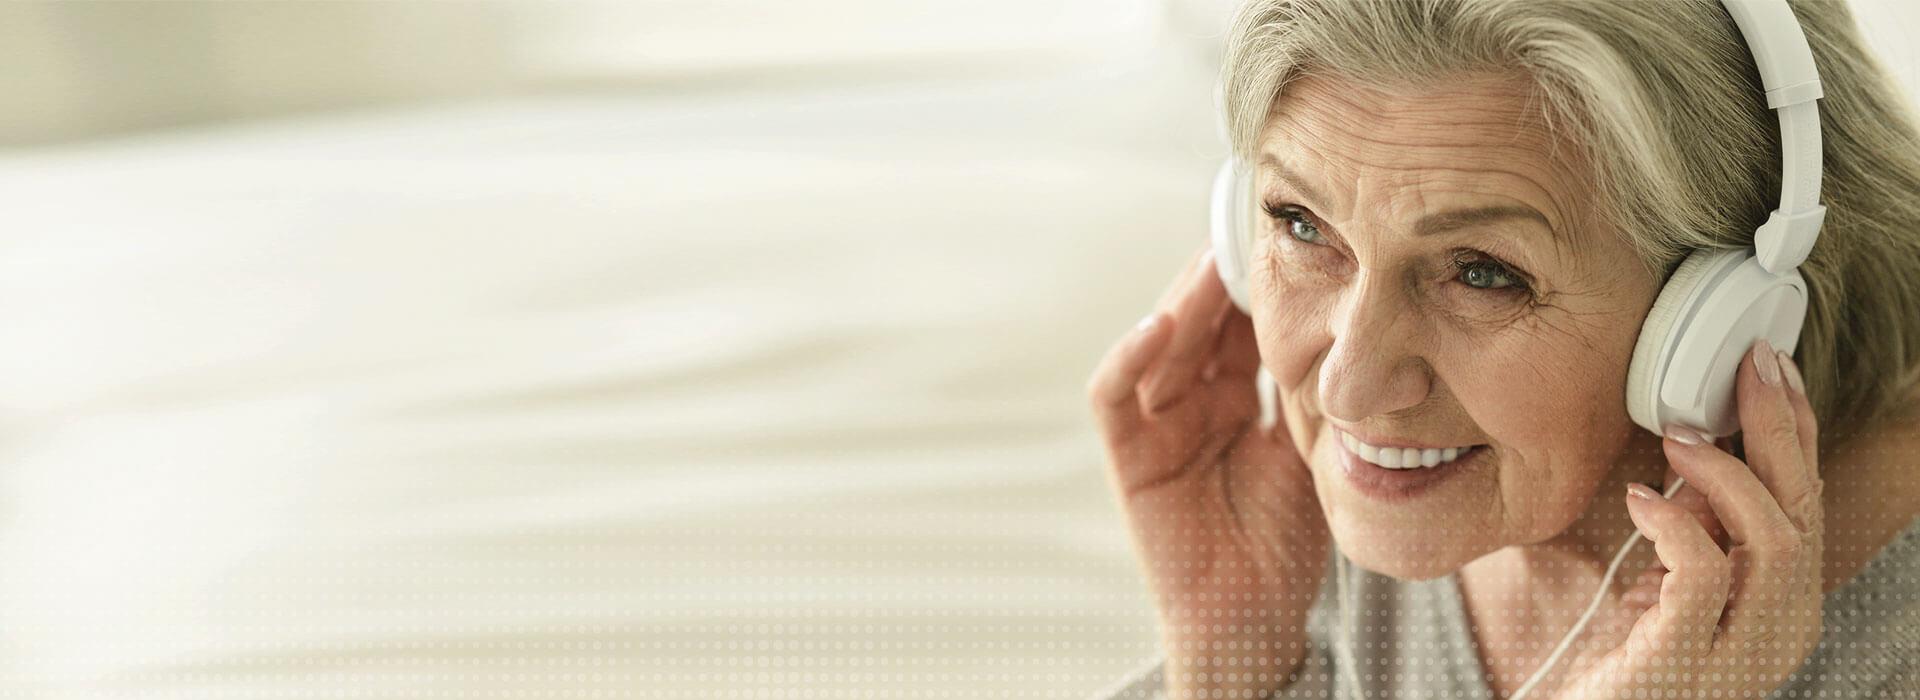 eine ältere Frau hört mit ihren Kopfhörern